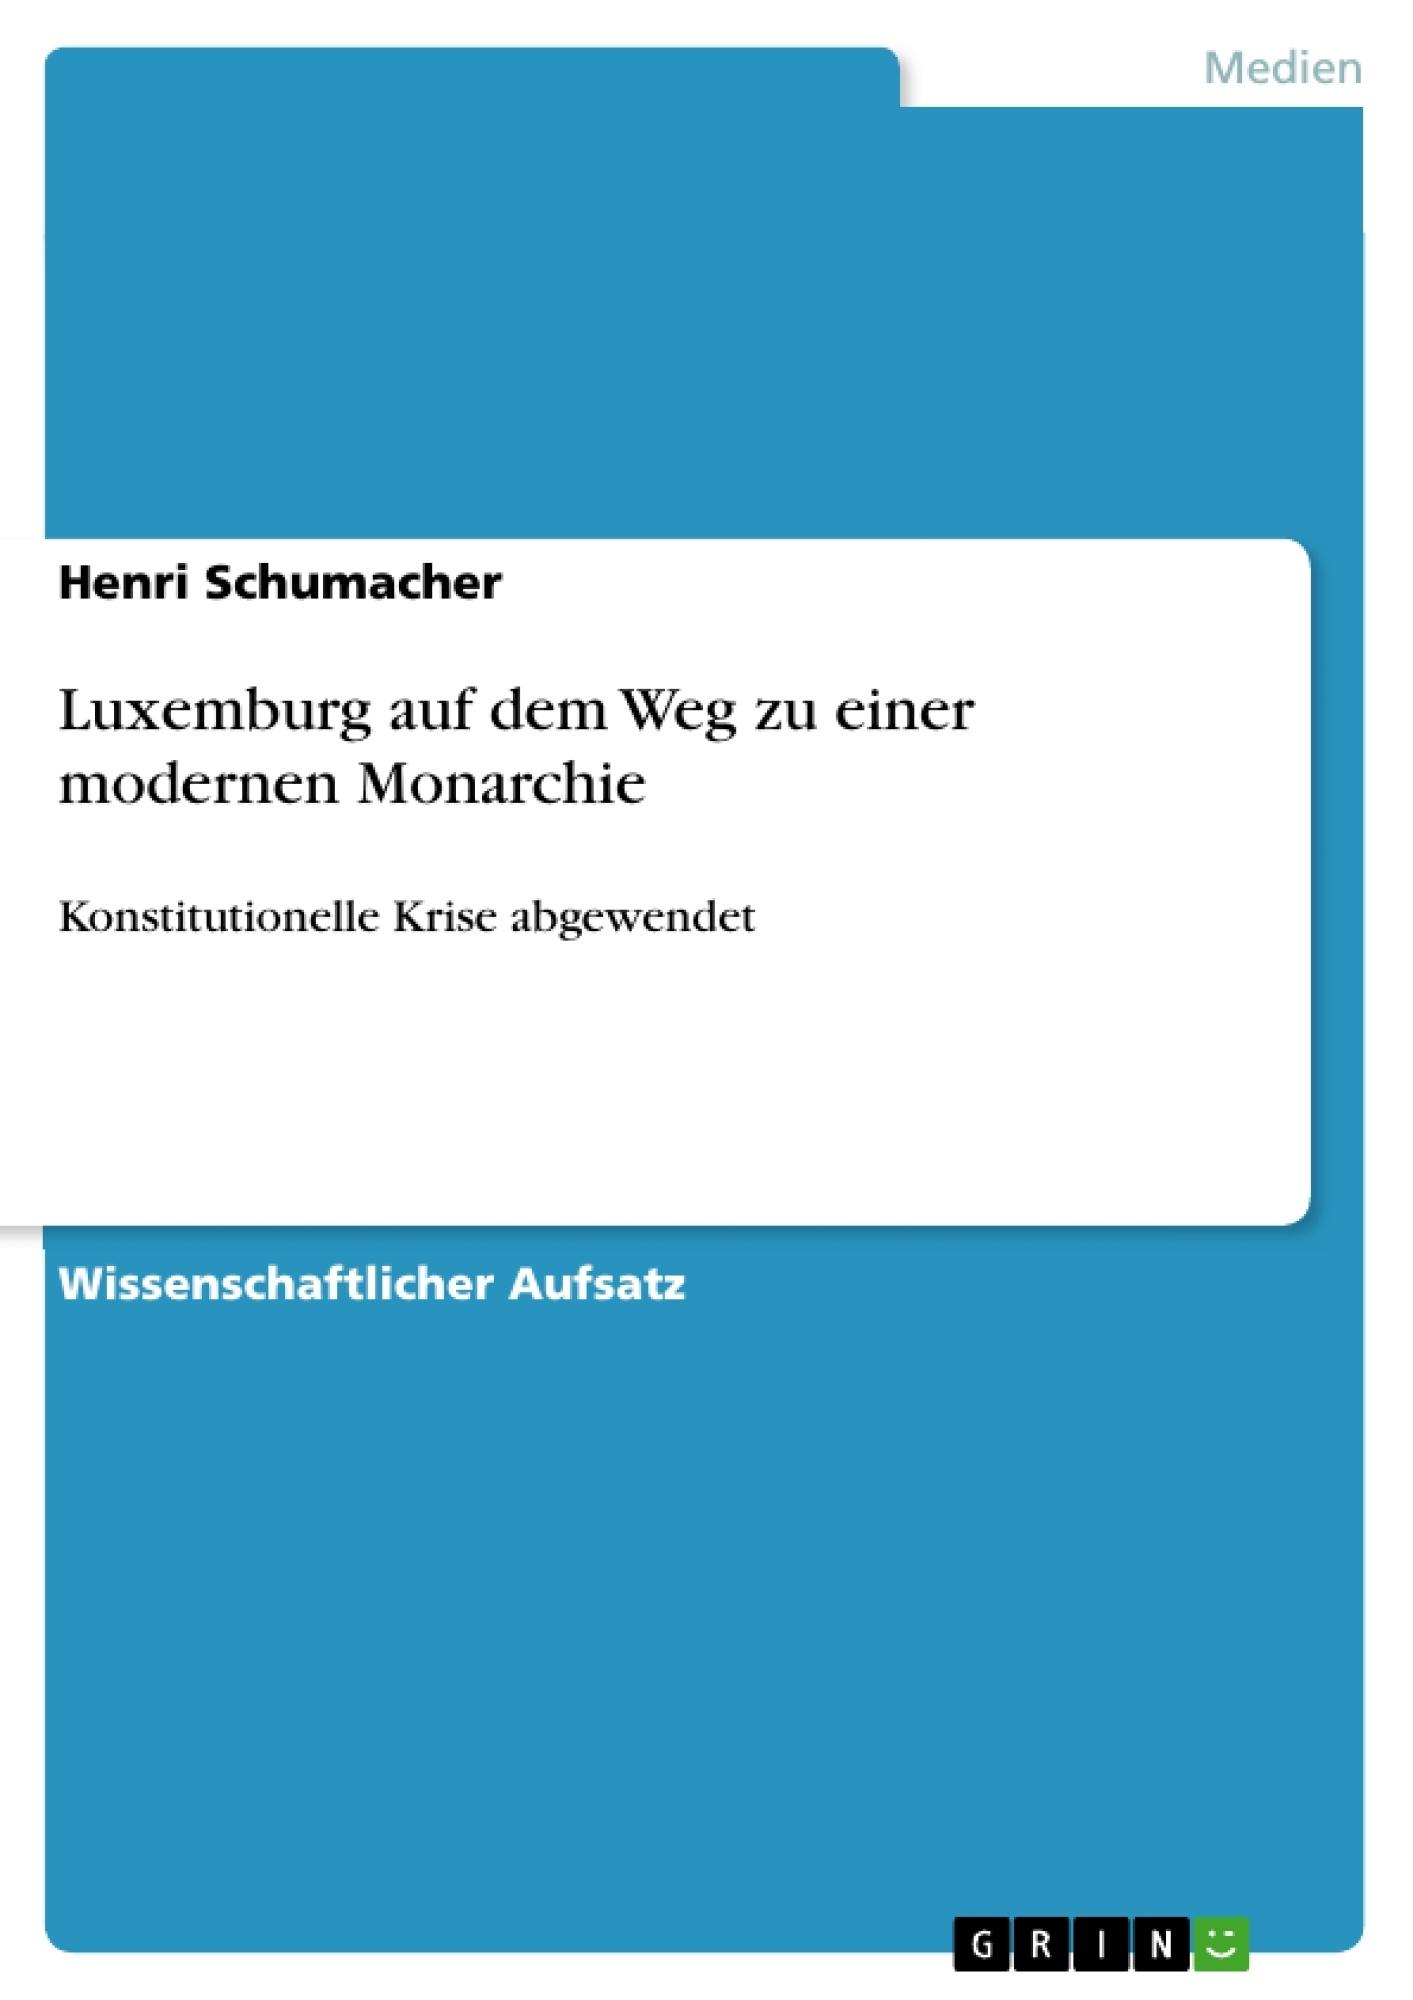 Titel: Luxemburg auf dem Weg zu einer modernen Monarchie